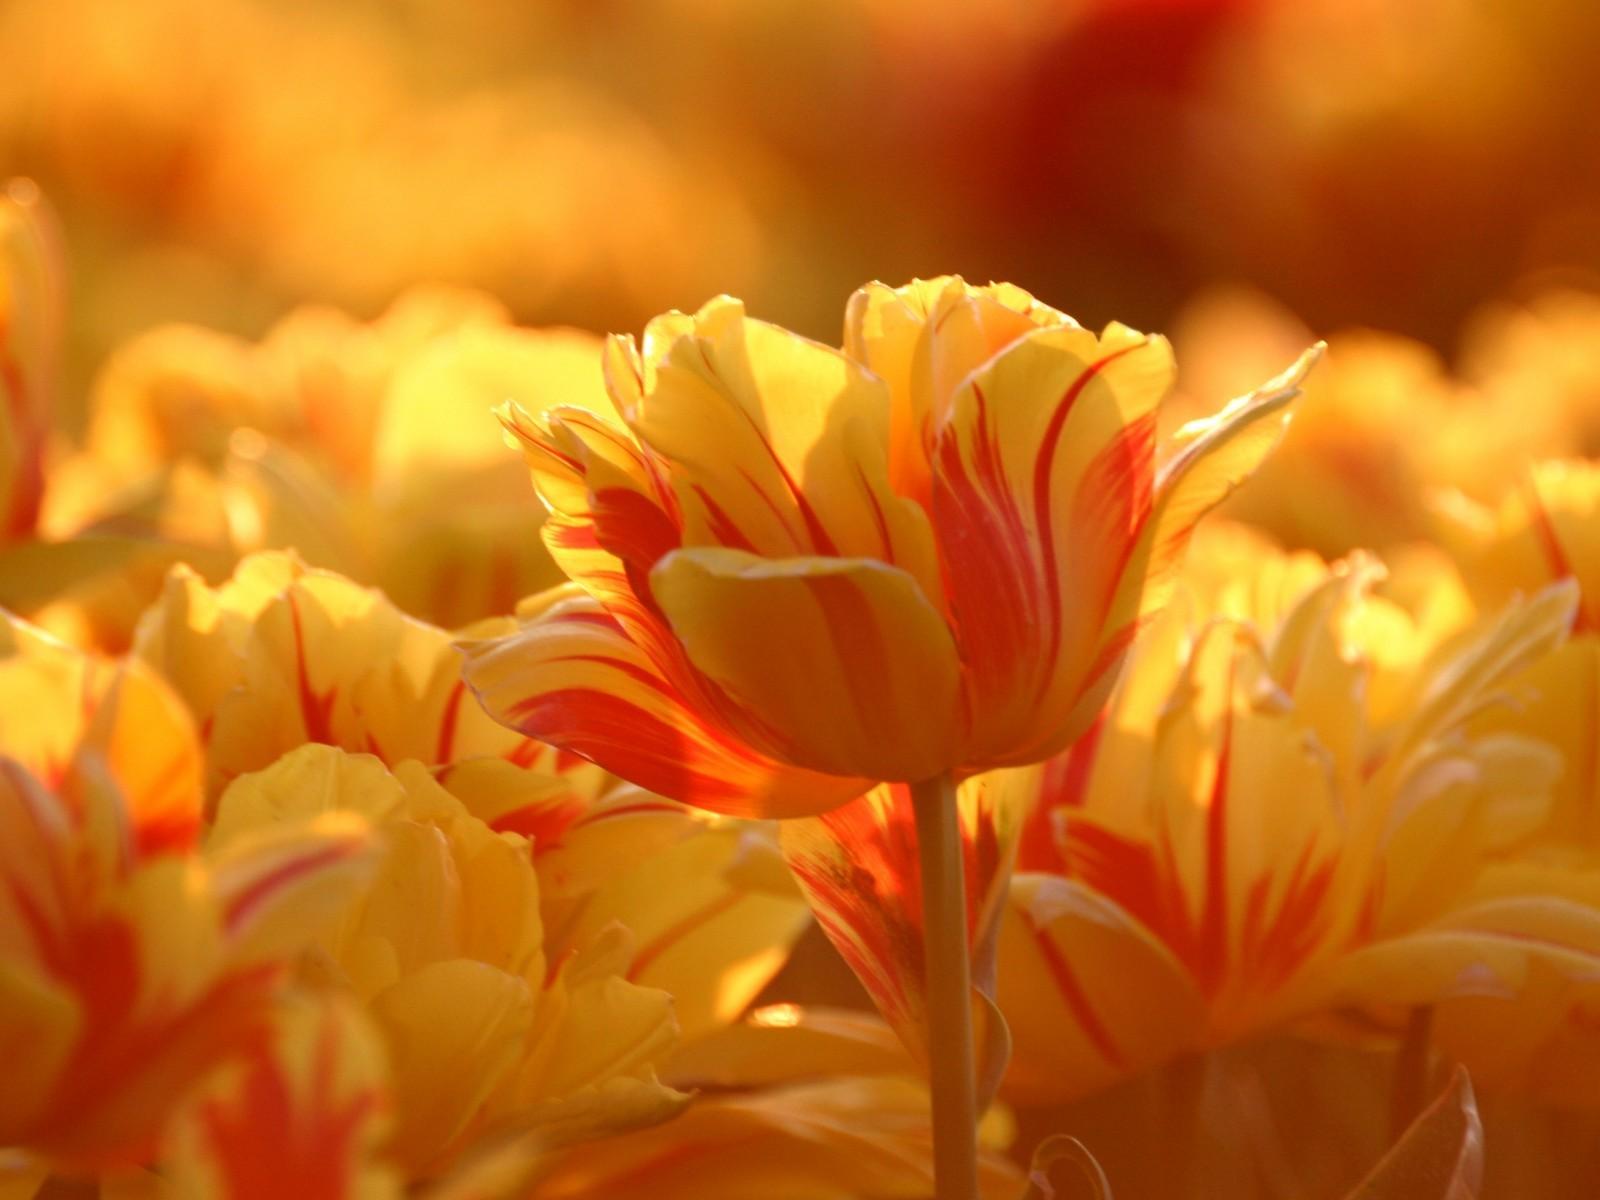 Картинки в желто-оранжевом цвете